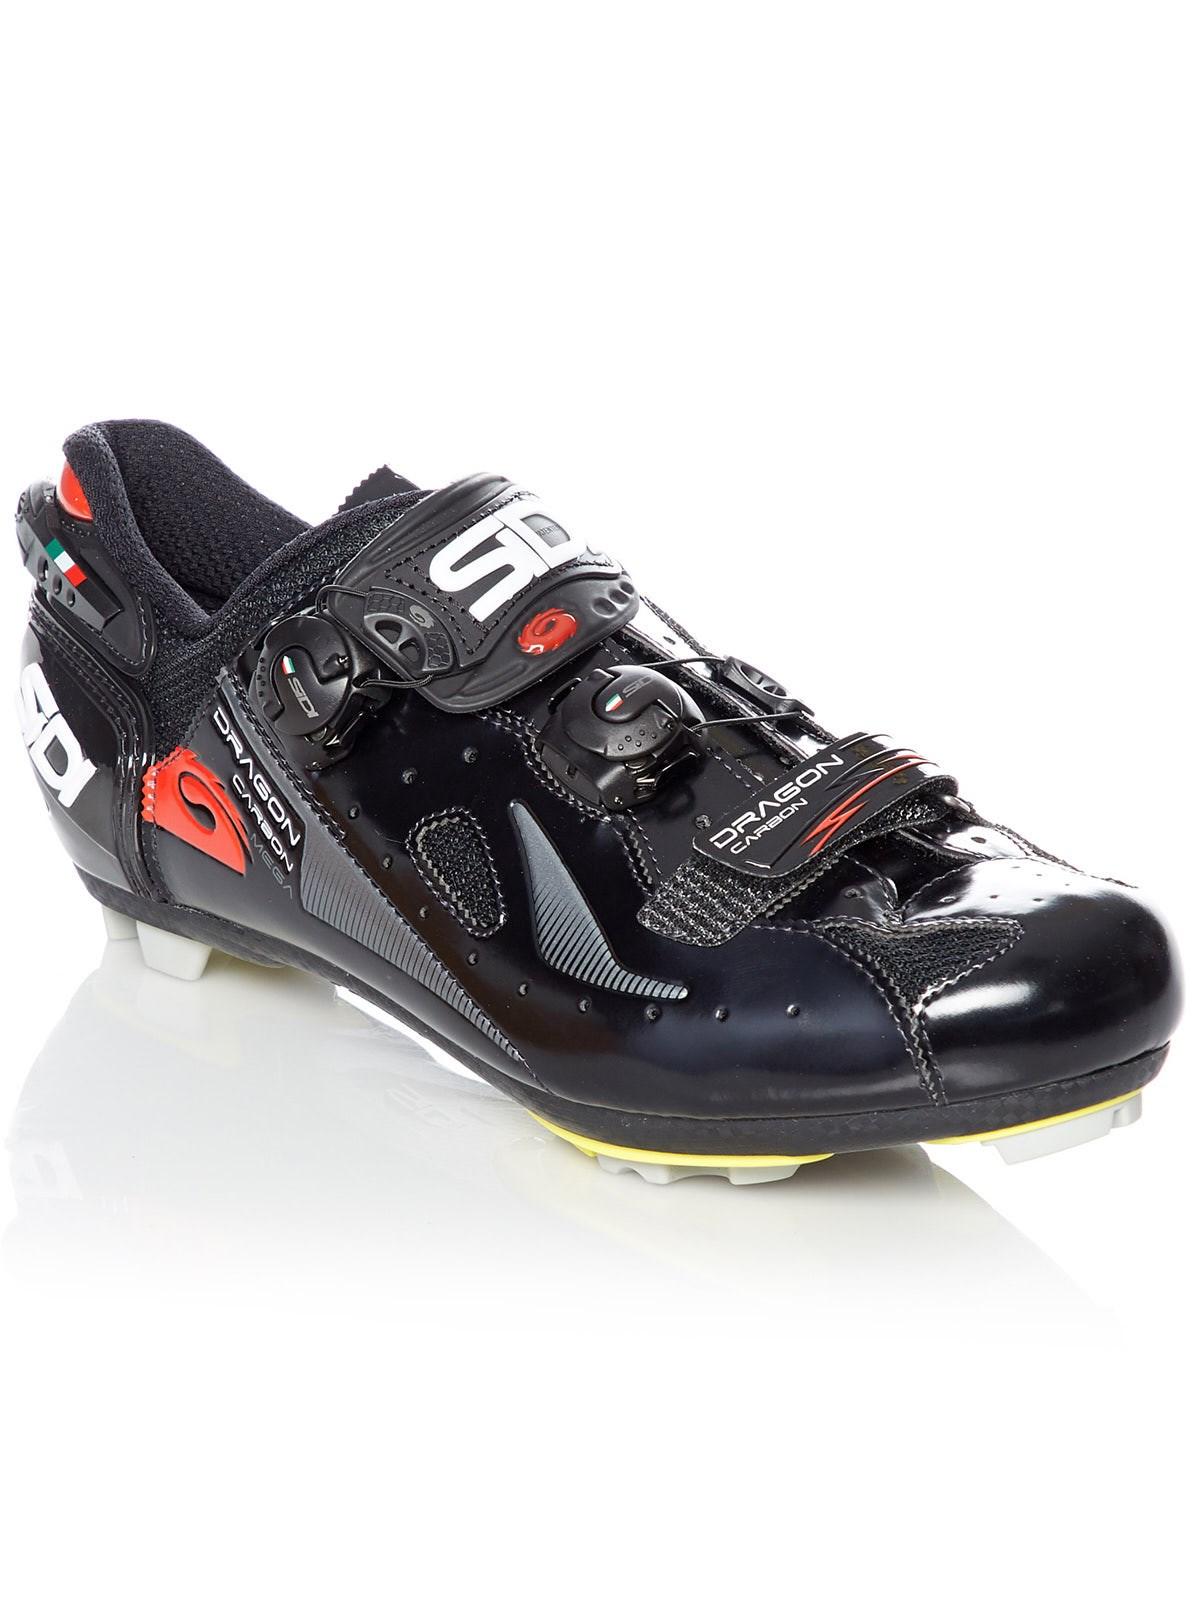 Sidi Black Black Dragon 4 SRS Lucid Mega MTB Shoe | Sidi ...